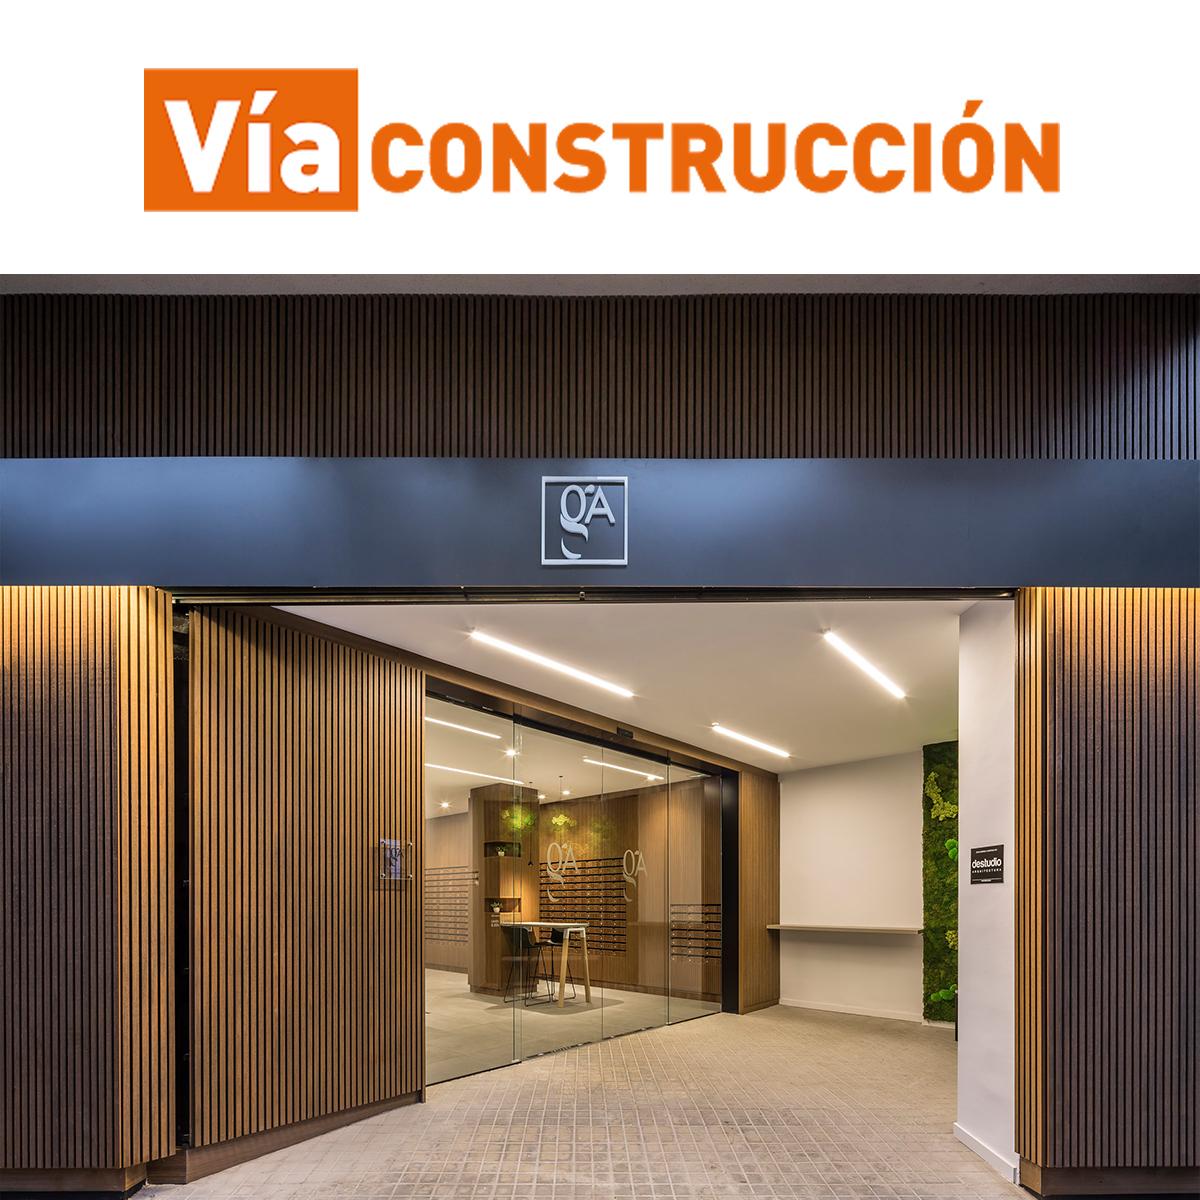 Vía Construcción